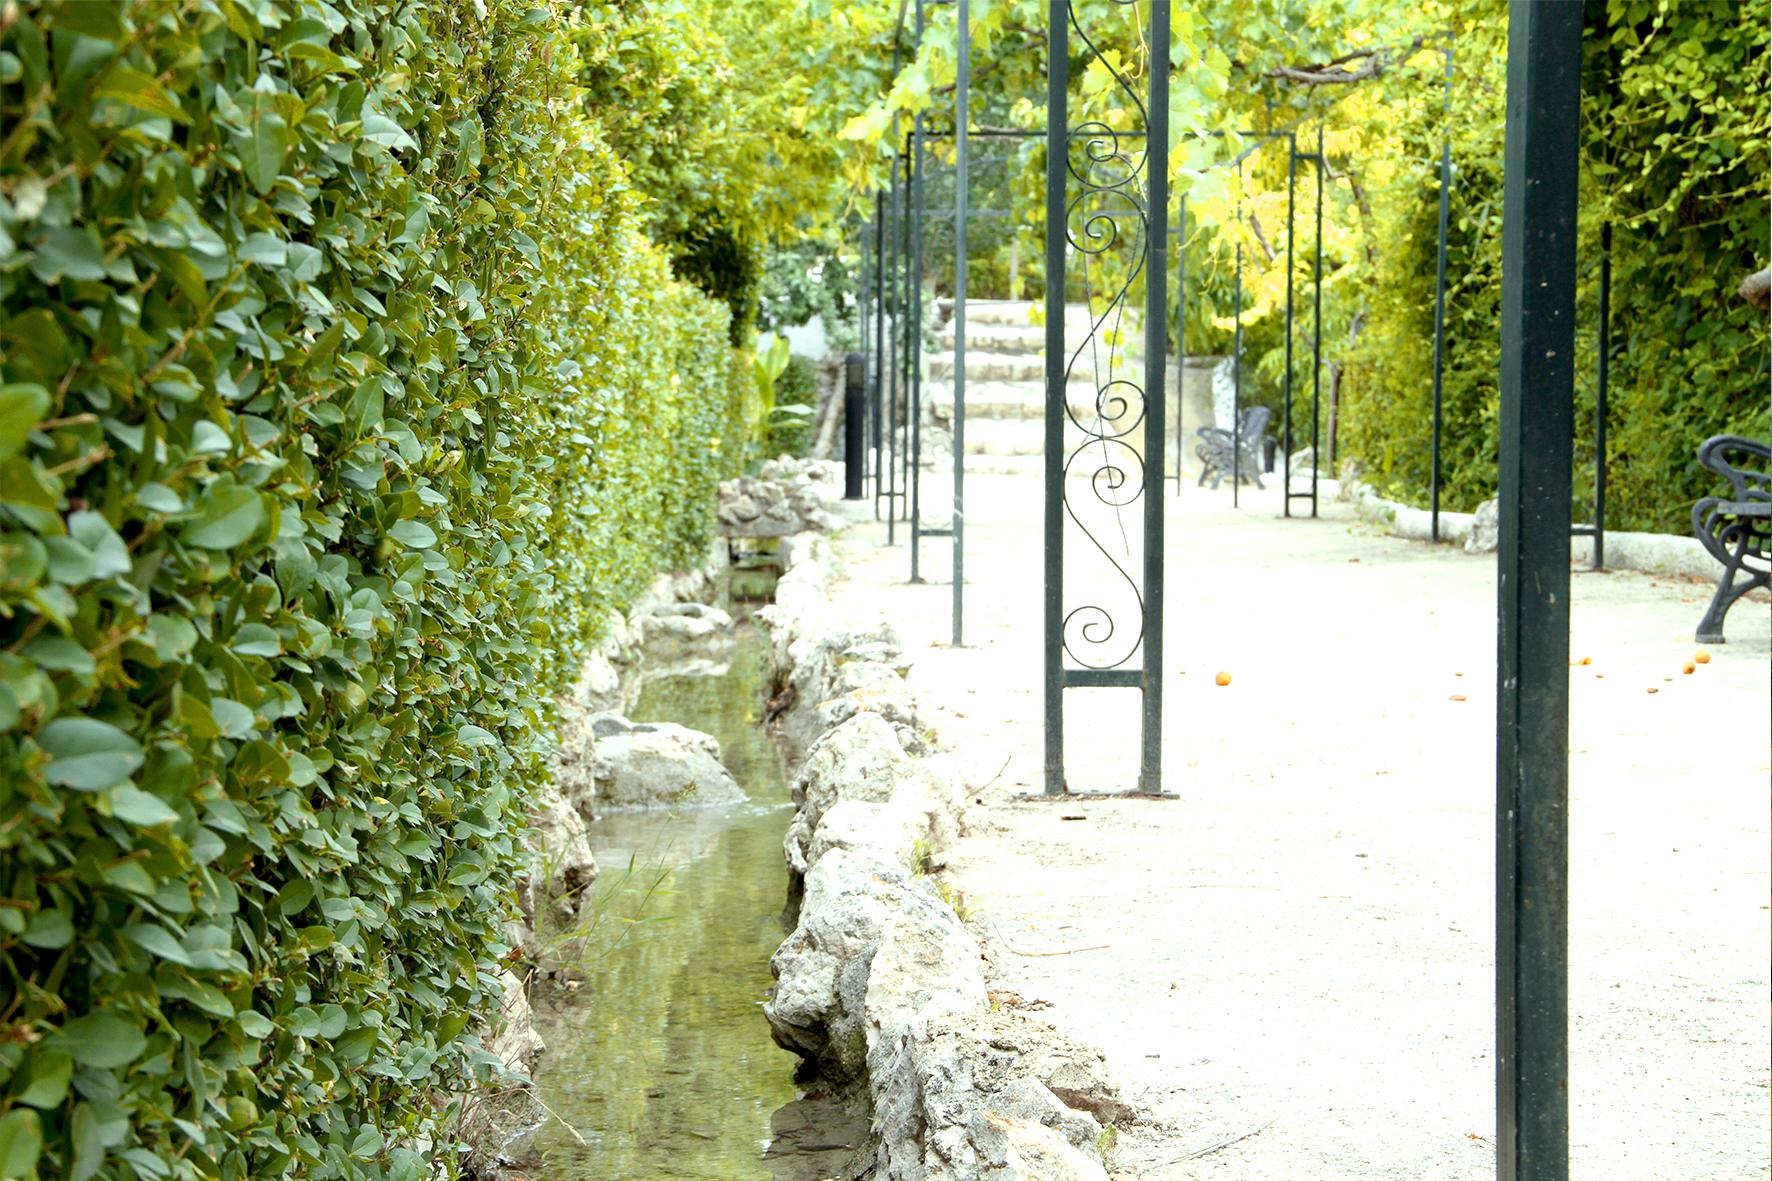 Riachuelos y acequias naturales en las zonas ajardinadas exteriores